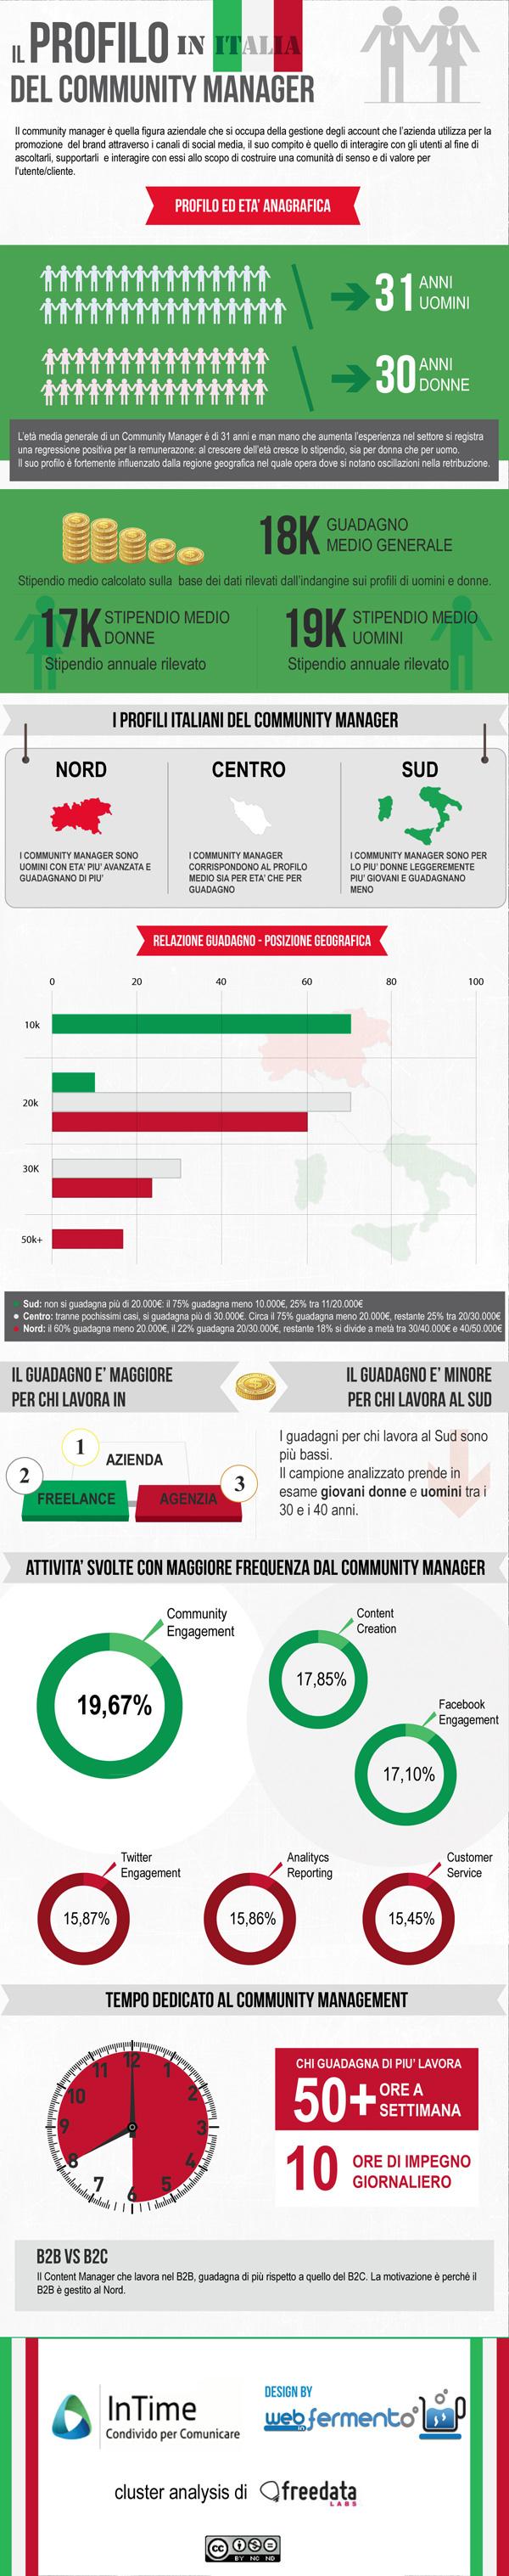 Infografica profilo Community Manager in Italia